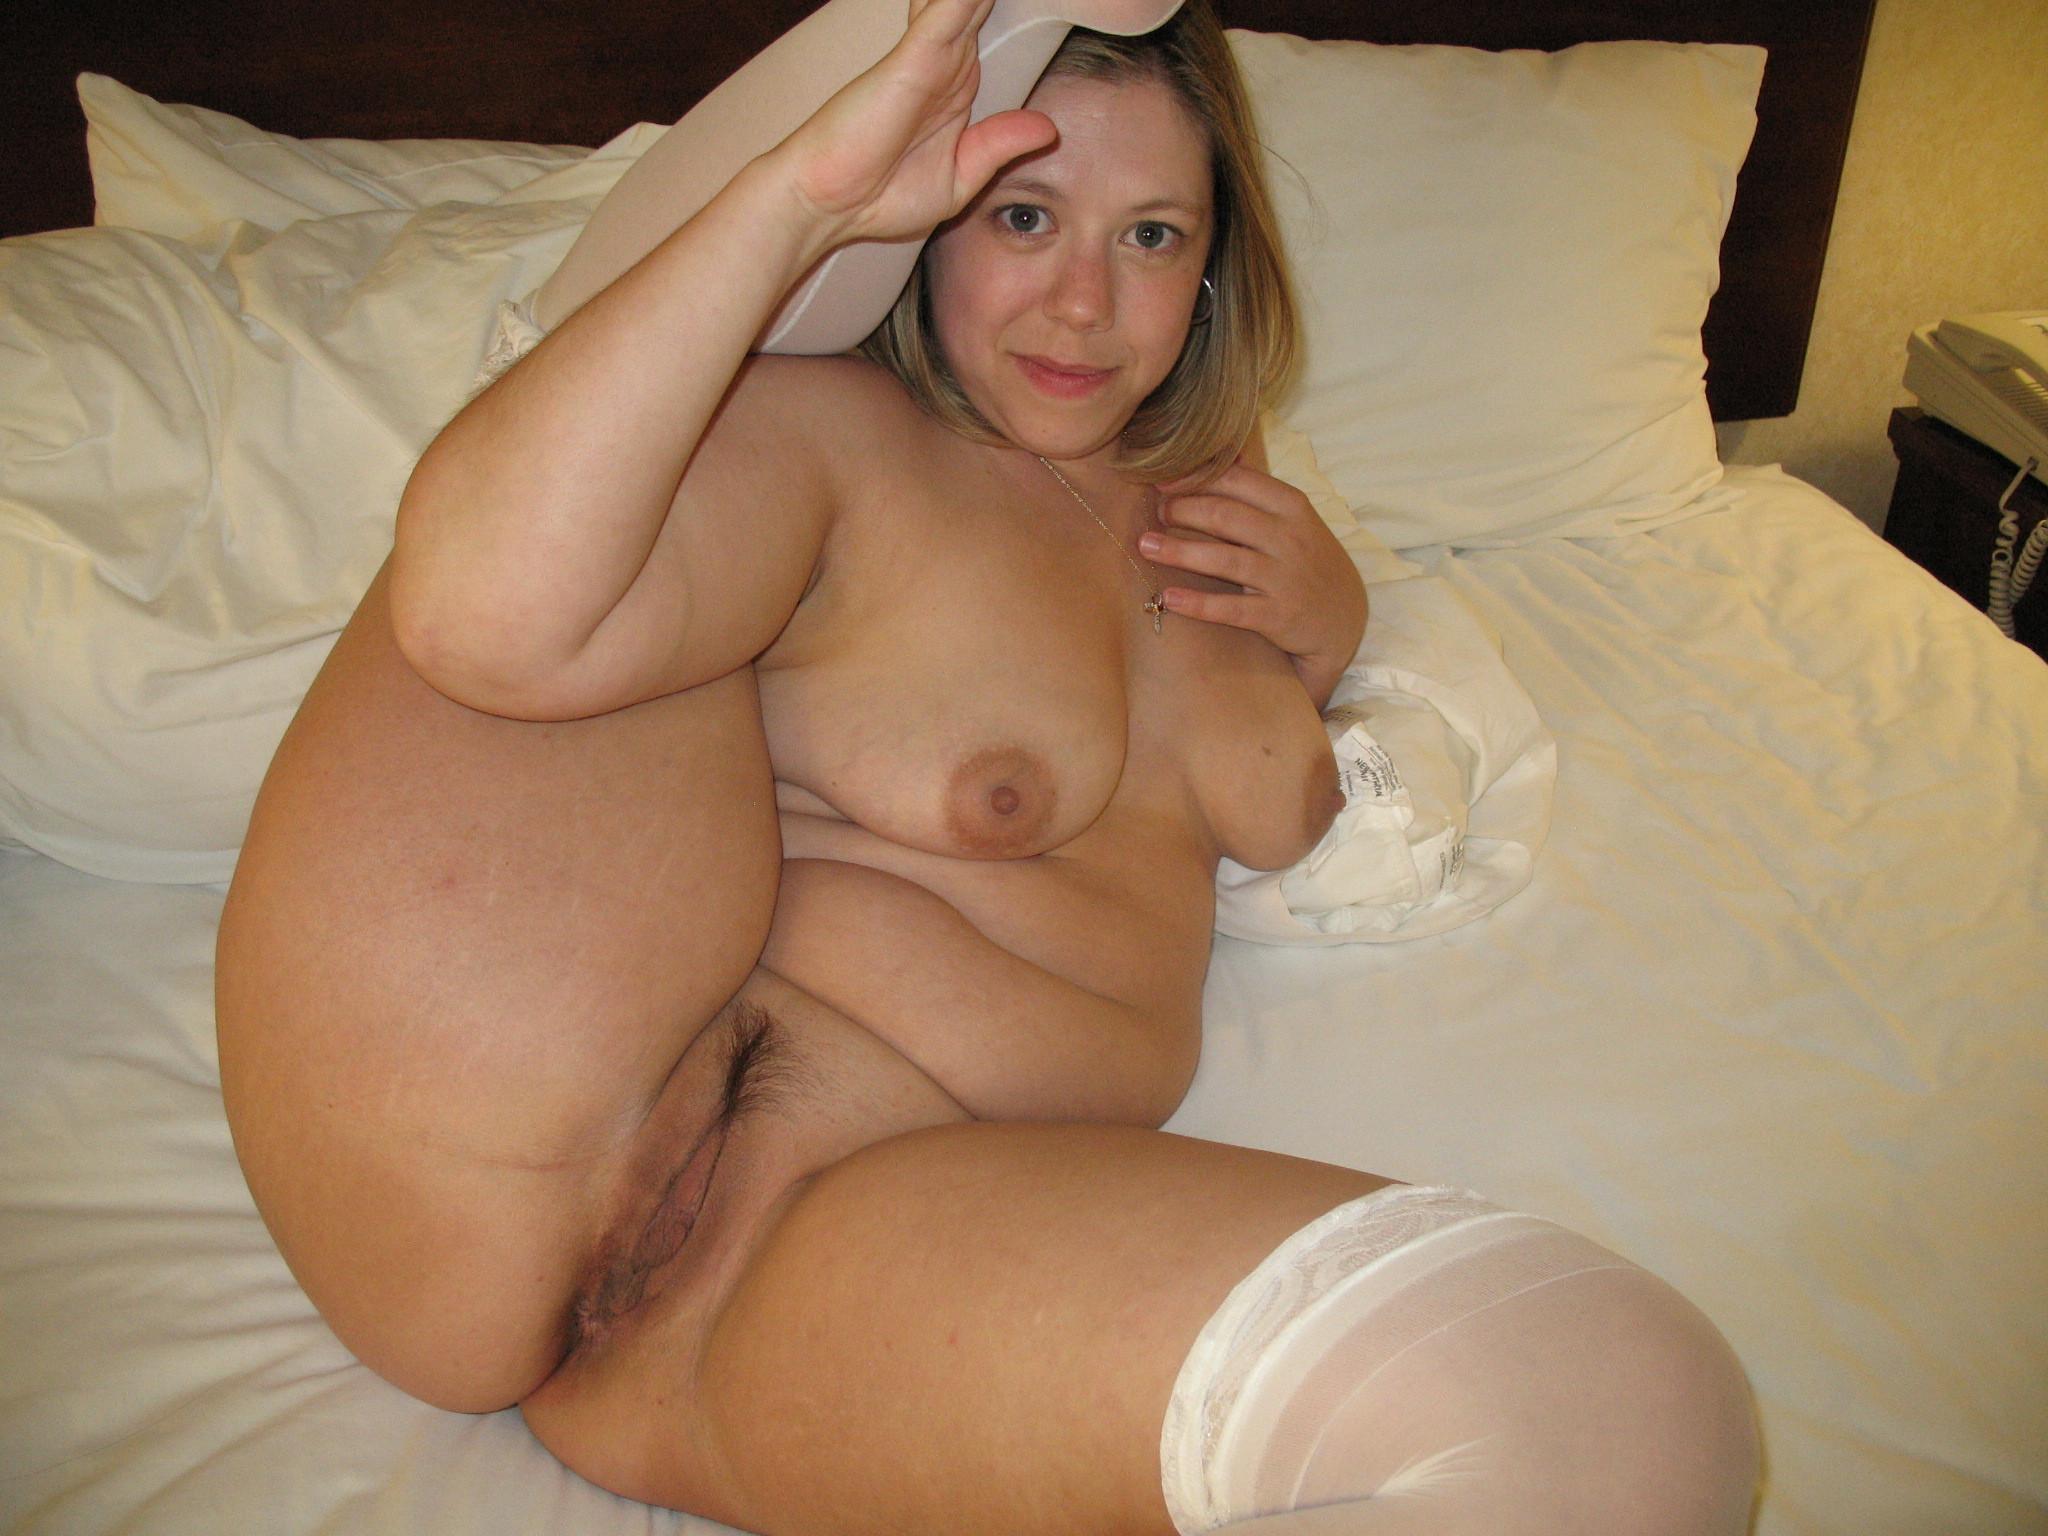 Видео взрослые сексуальные толстые женщины фото перед мужиками большой